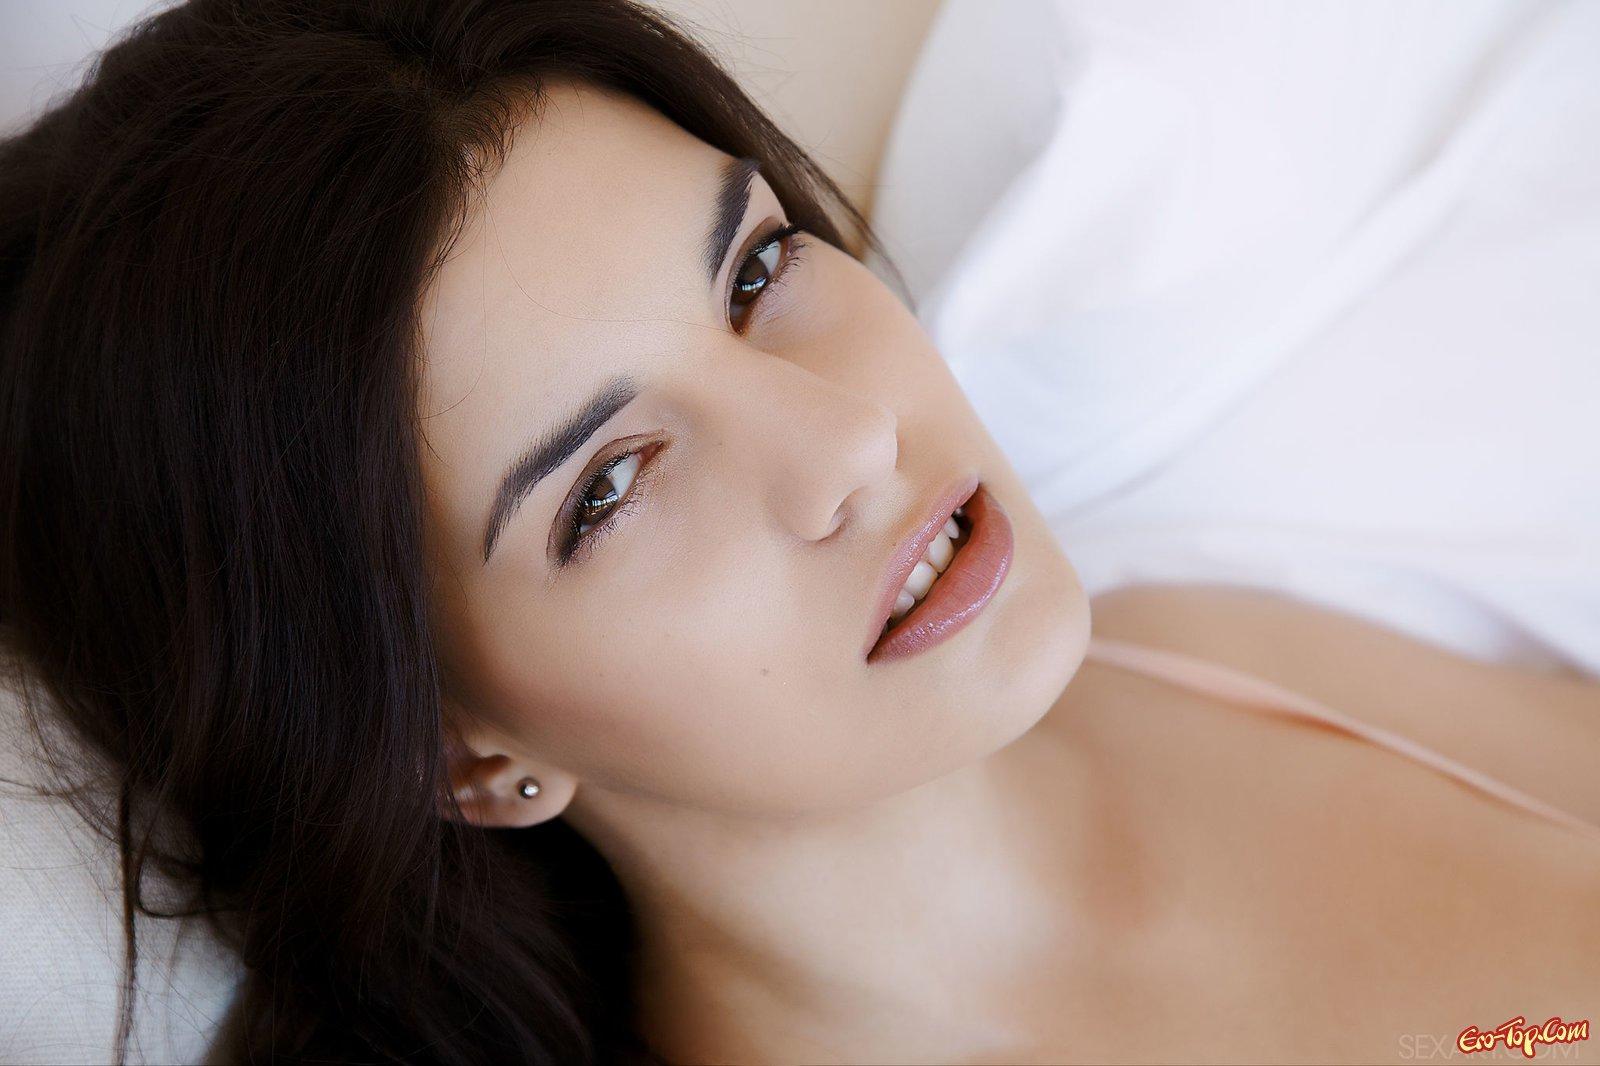 Брюнетка лежит в постели и эротично стягивает трусики